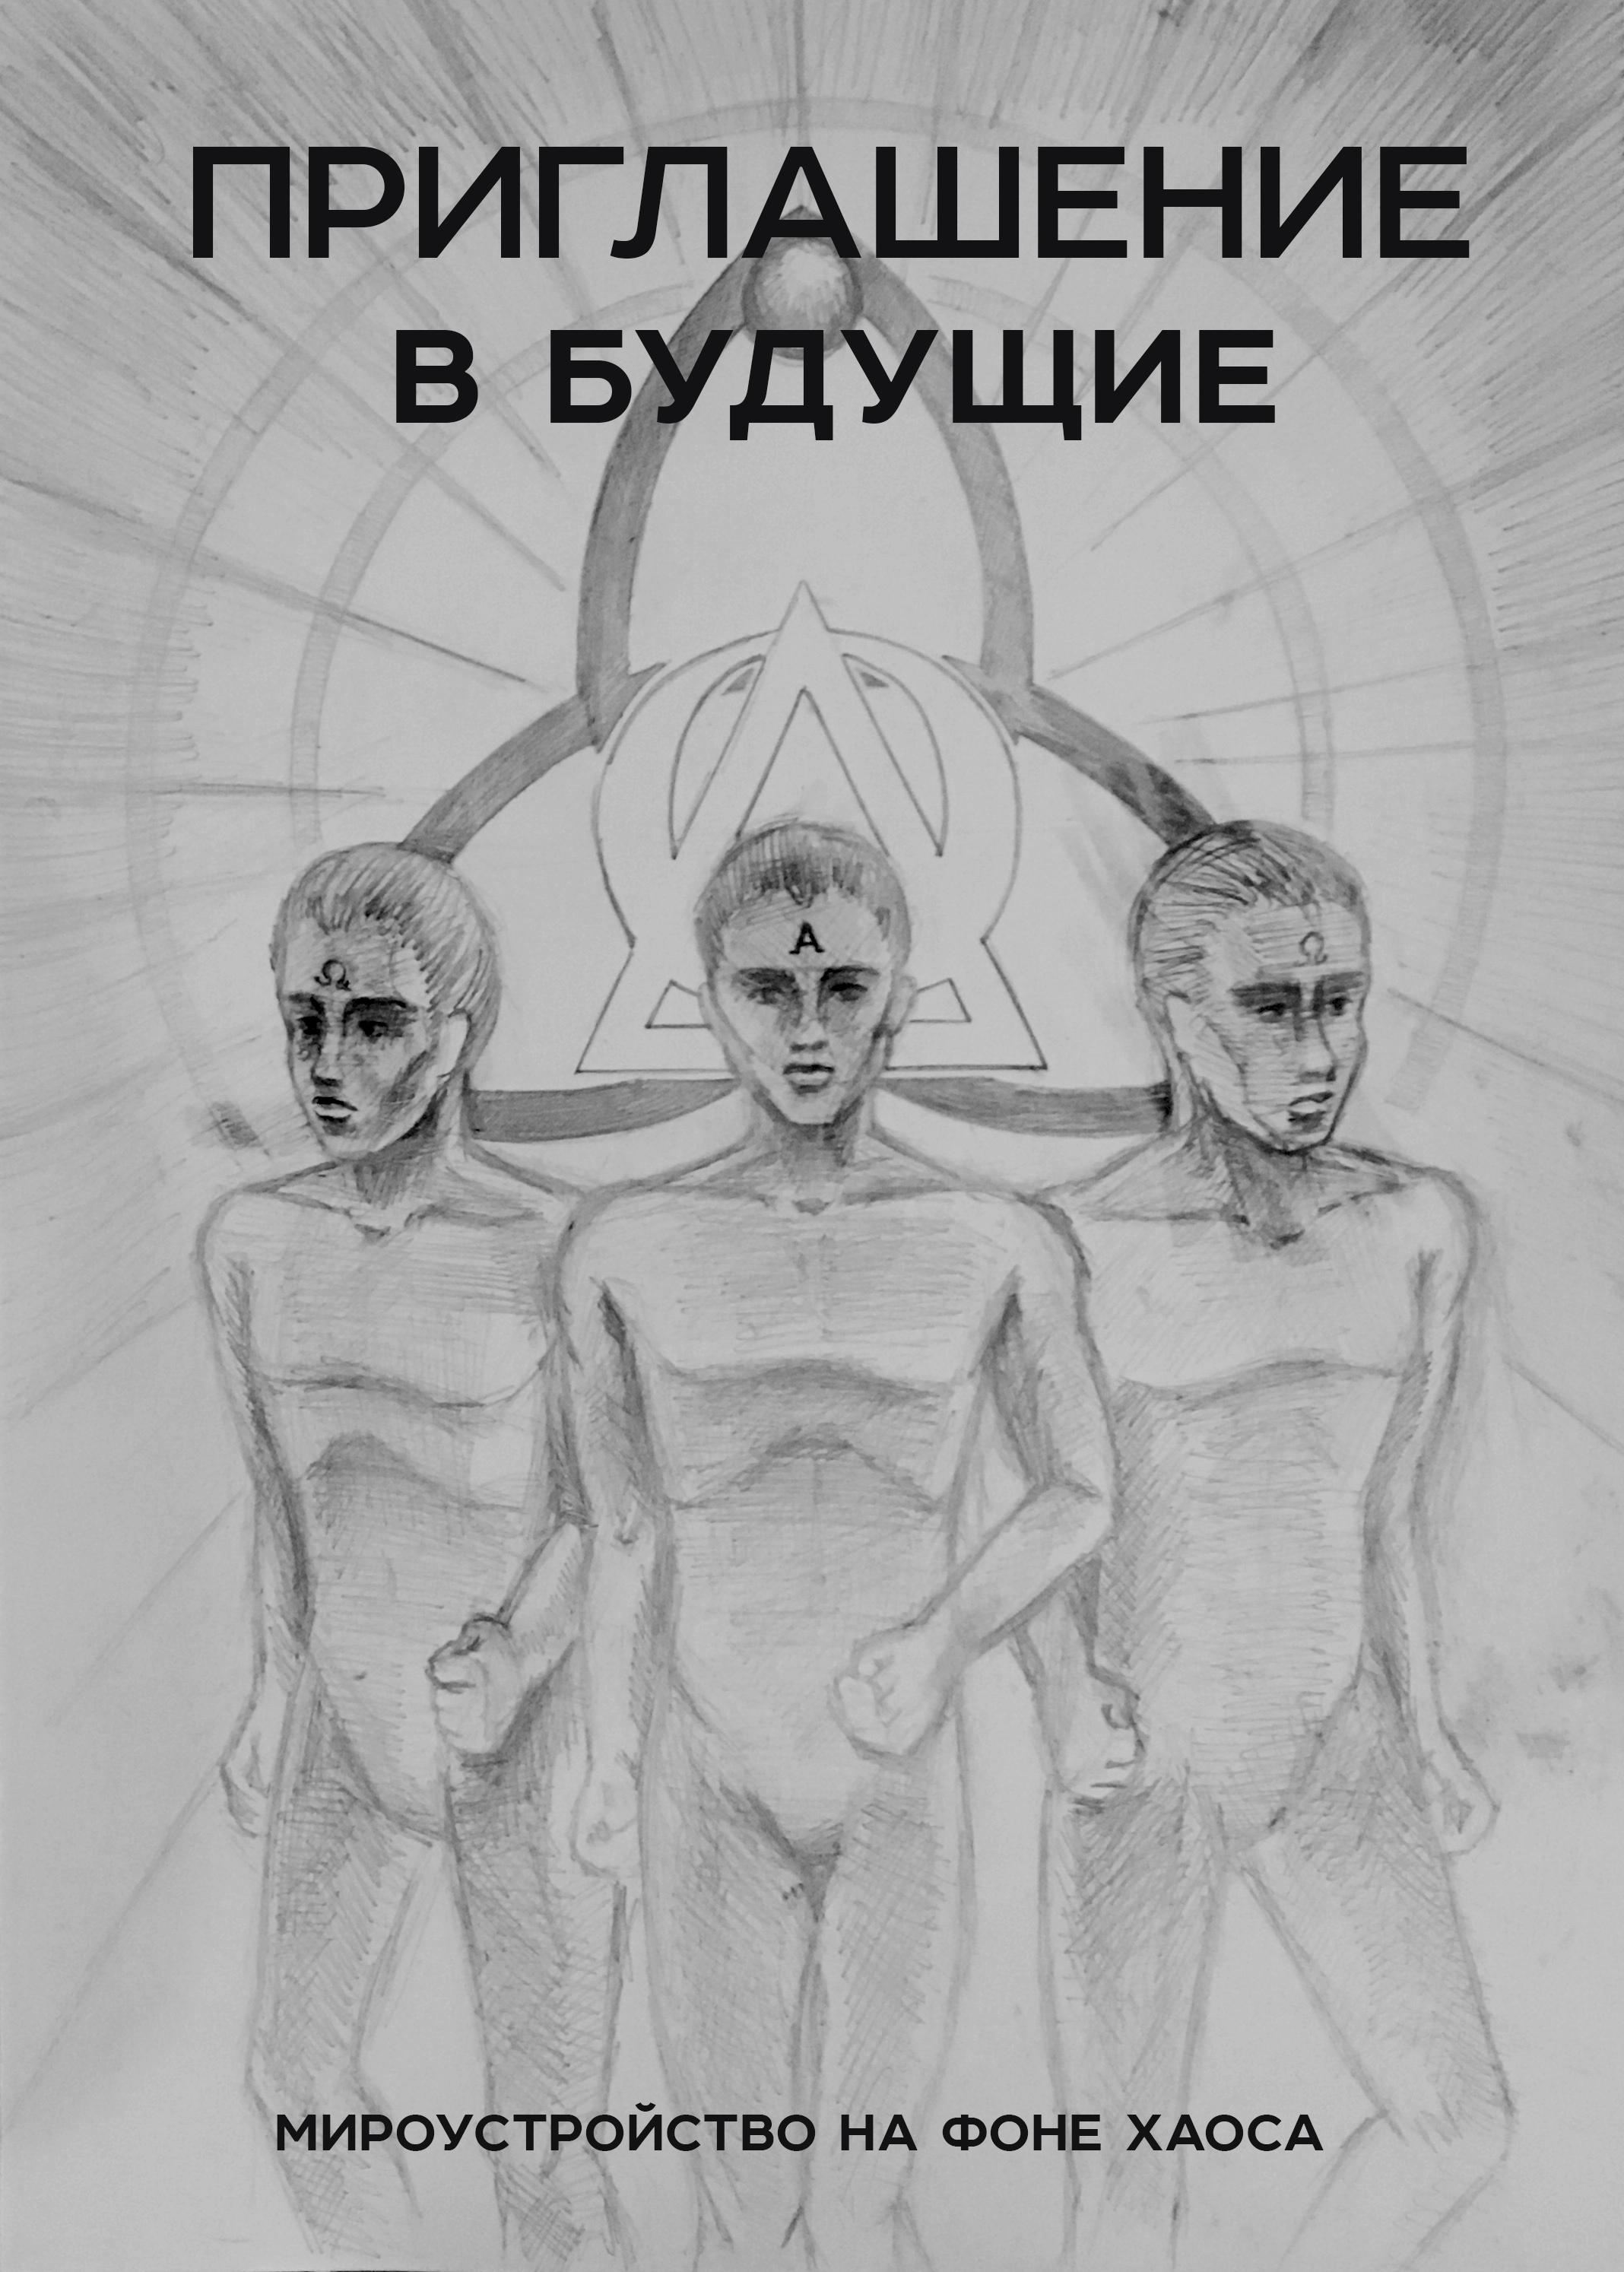 23 чёрно-белые и 1 цветная иллюстрация для книги (конкурс) фото f_91159bd20a3e2579.jpg